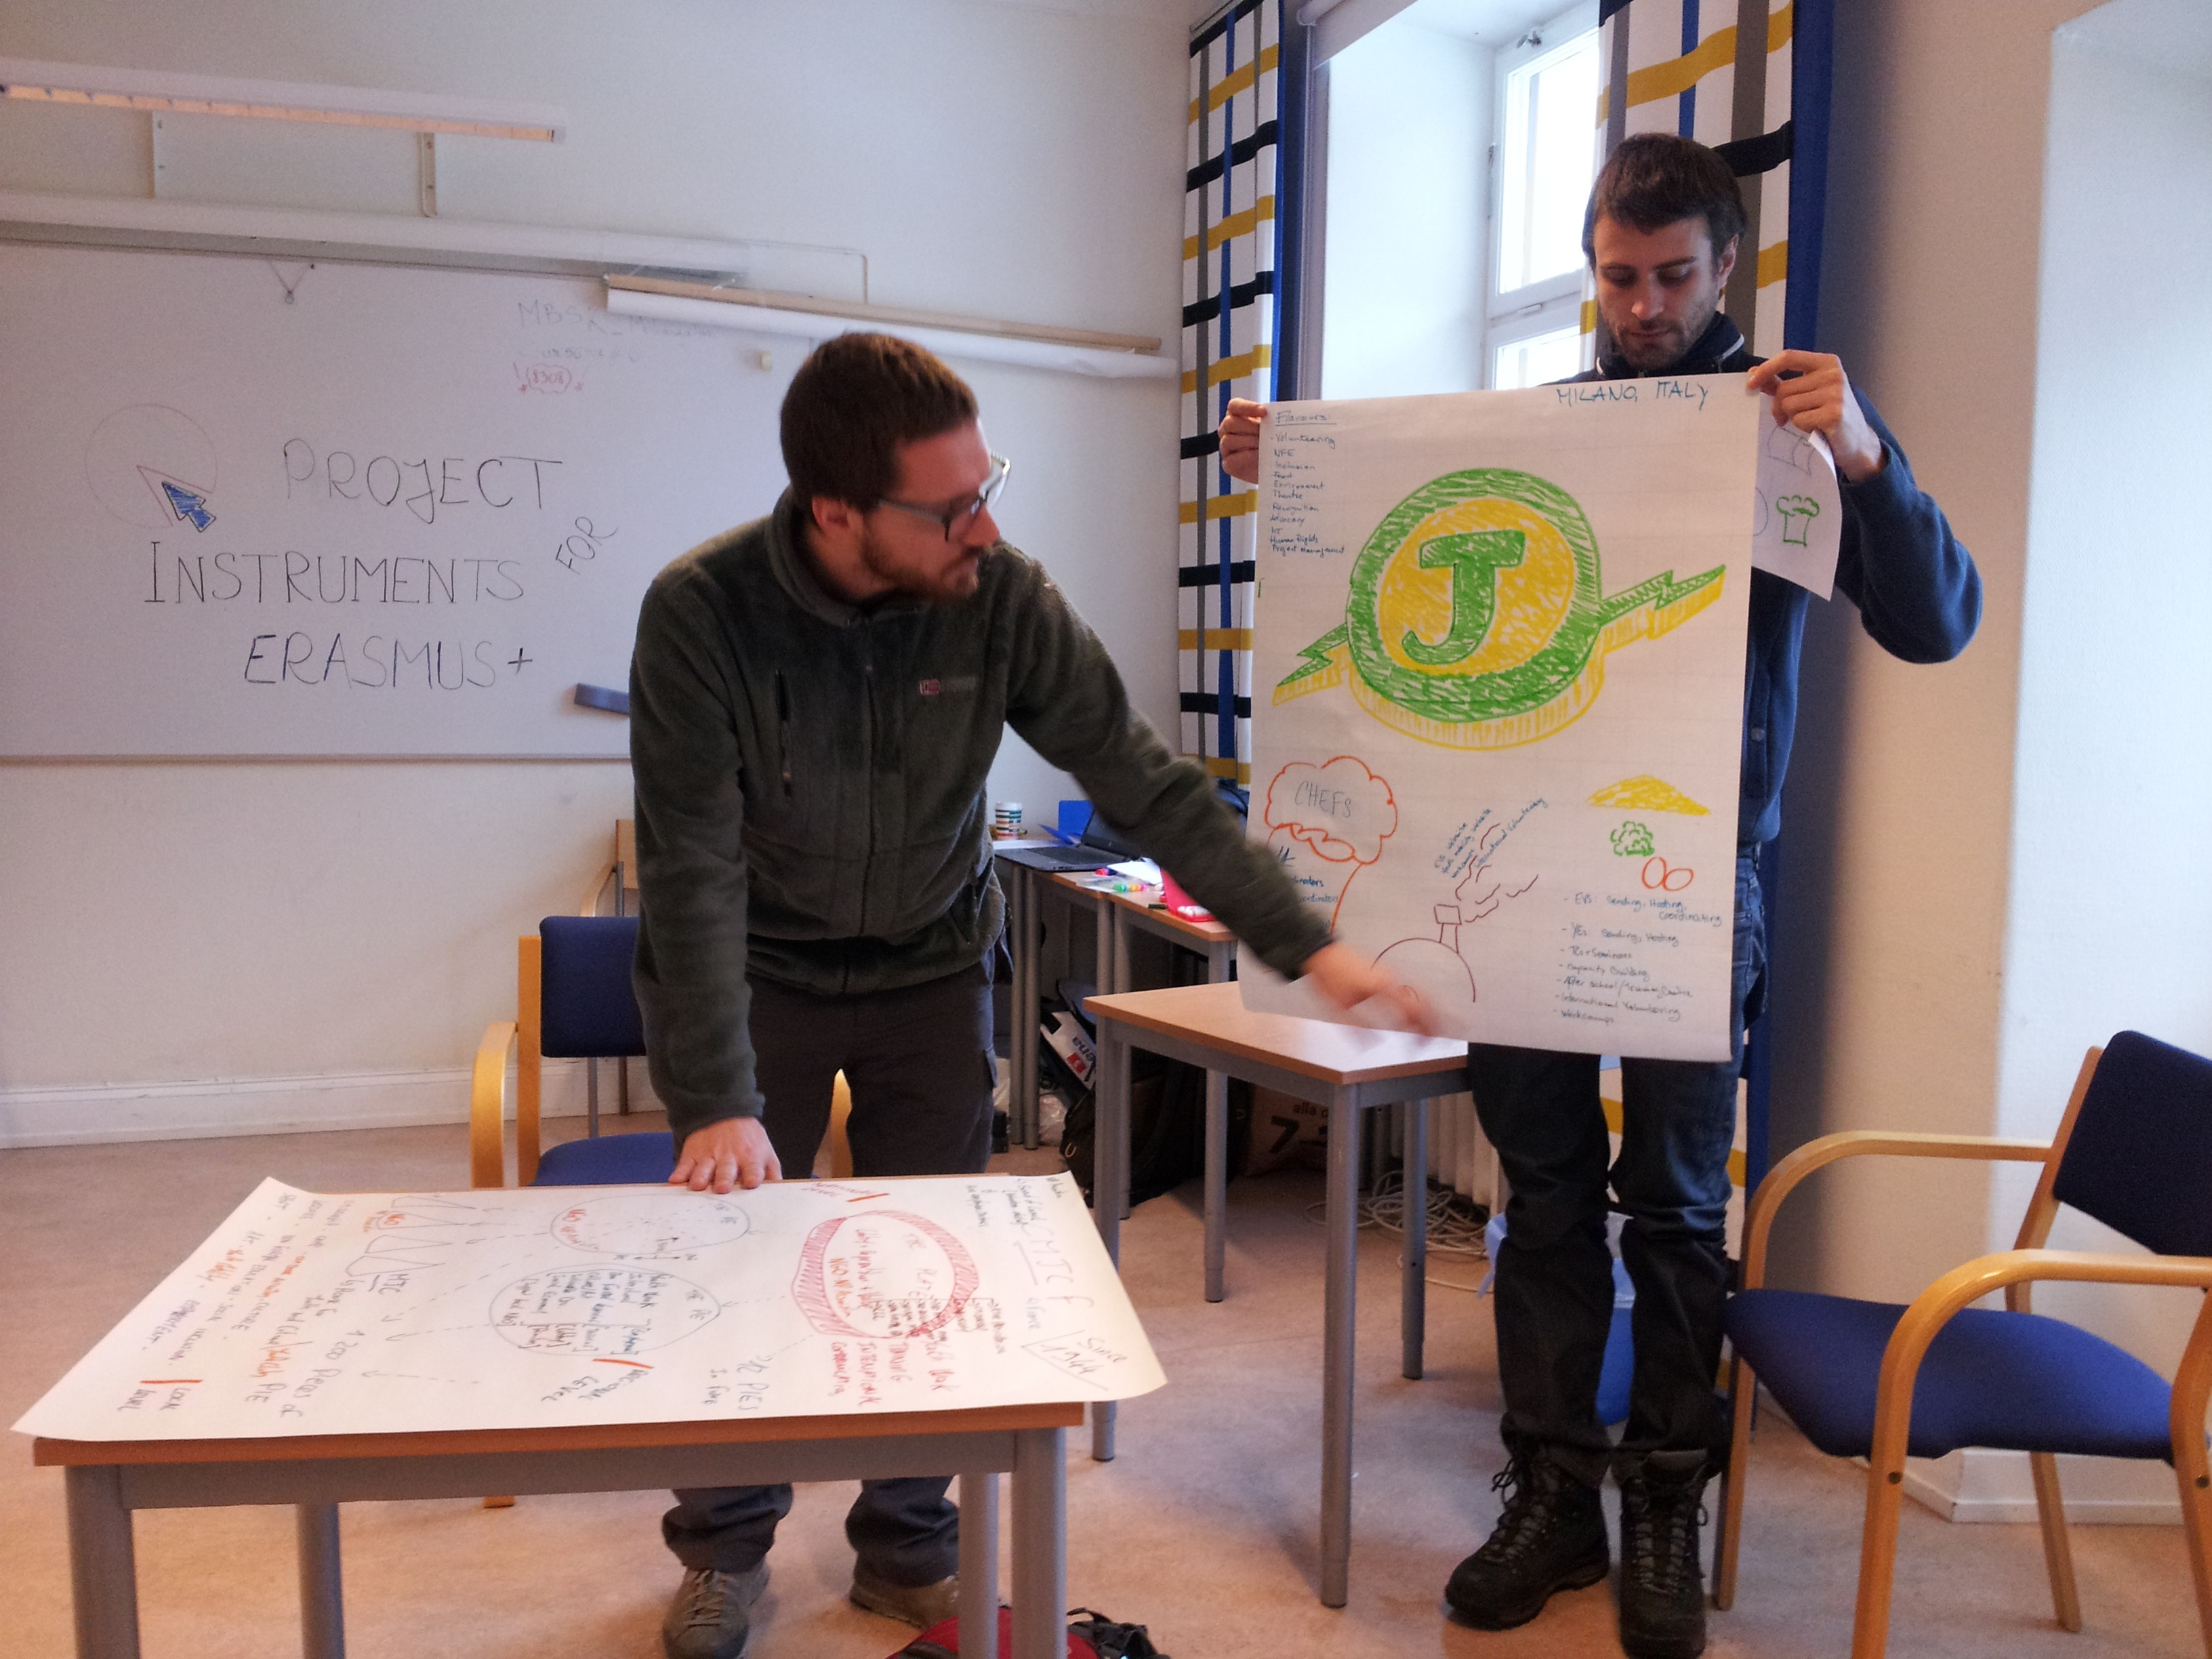 PIE+ Kick-off meeting in Sweden 2